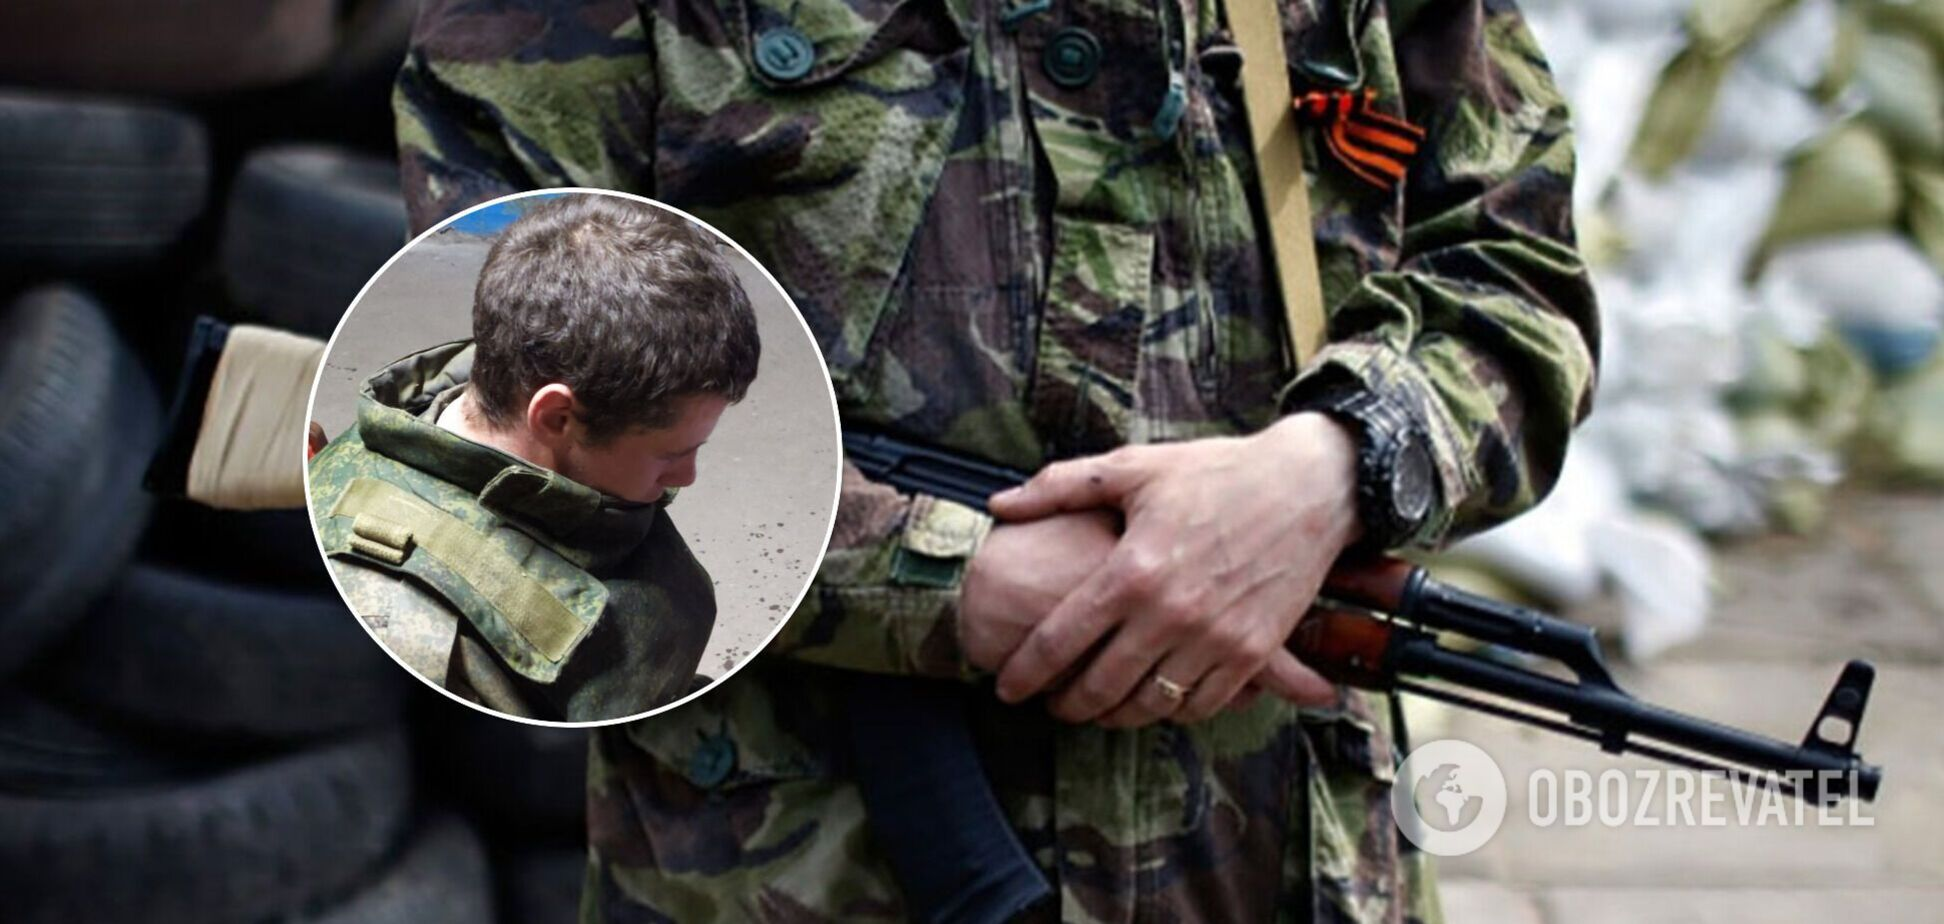 На Донбасі здався в полон ЗСУ 23-річний бойовик 'ЛНР': не витерпів принижень і побоїв 'товаришів по службі'. Фото